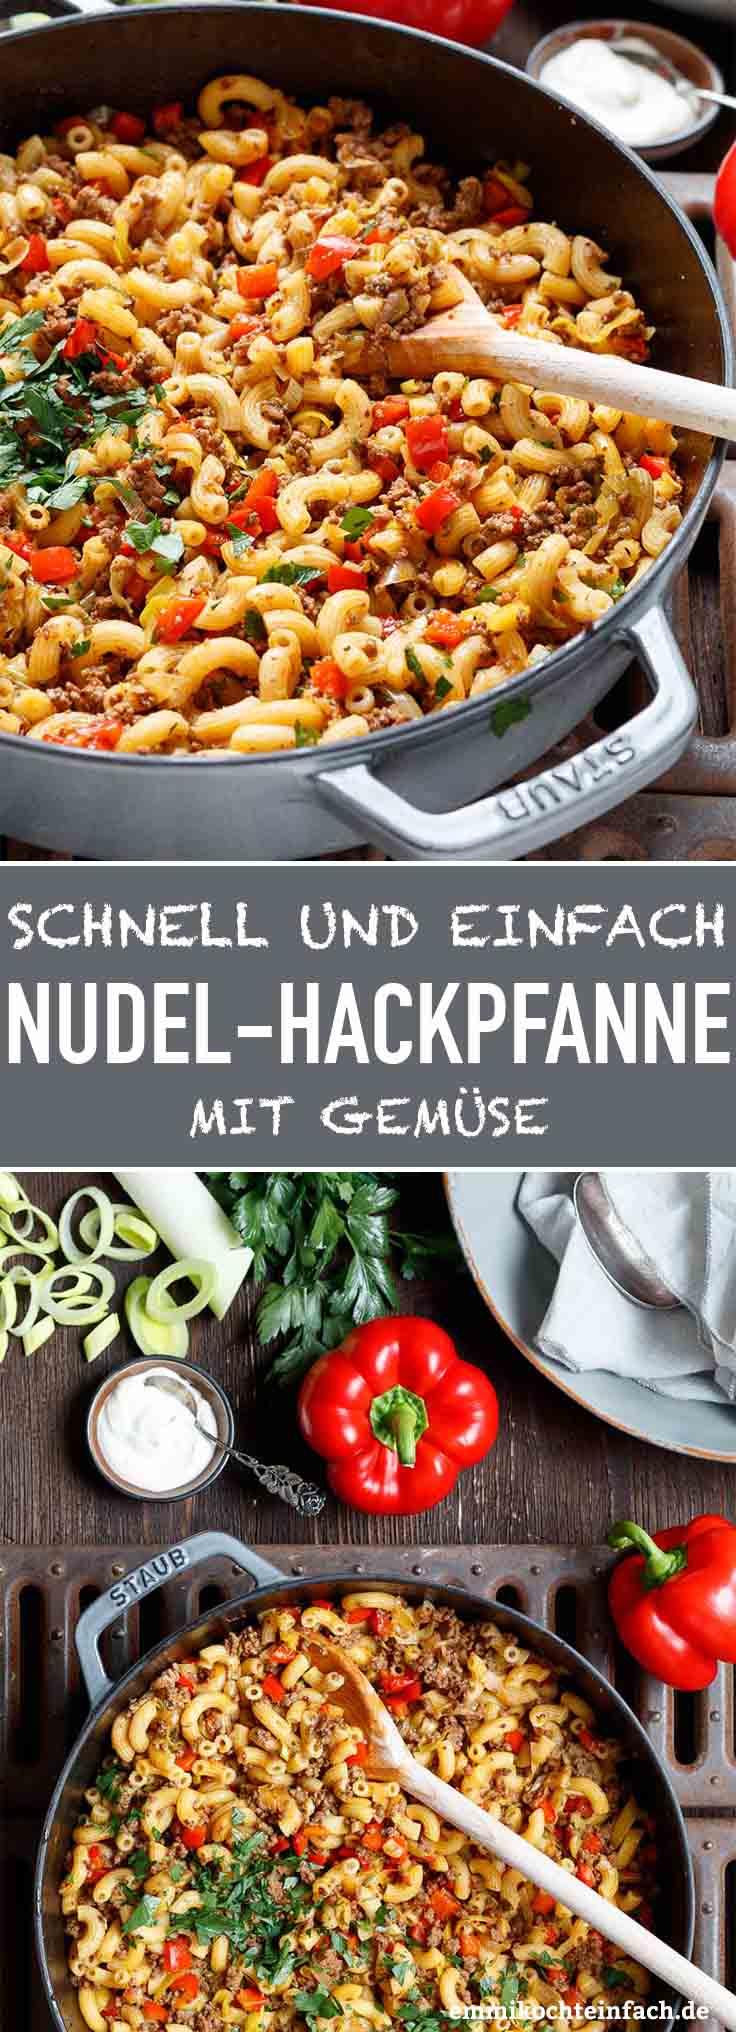 Schnelle Hackpfanne Mit Hörnchennudeln & Gemüse bei Mittagsgerichte Schnell Und Einfach